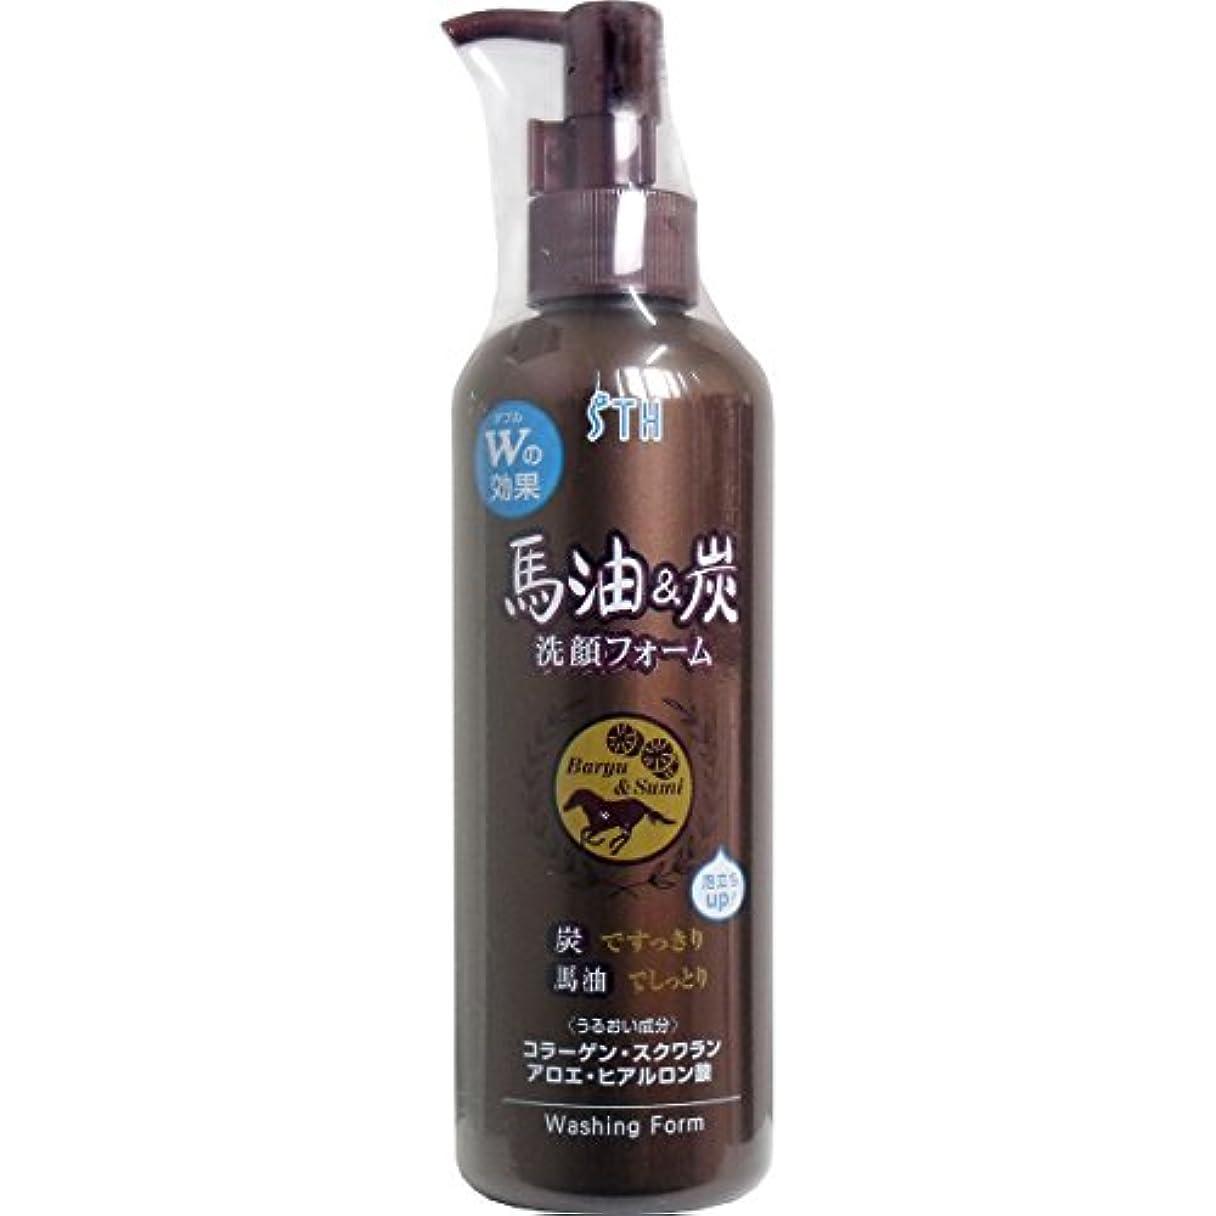 カメ描くマイク馬油&炭 洗顔フォーム ポンプ 250ml 【2個セット】